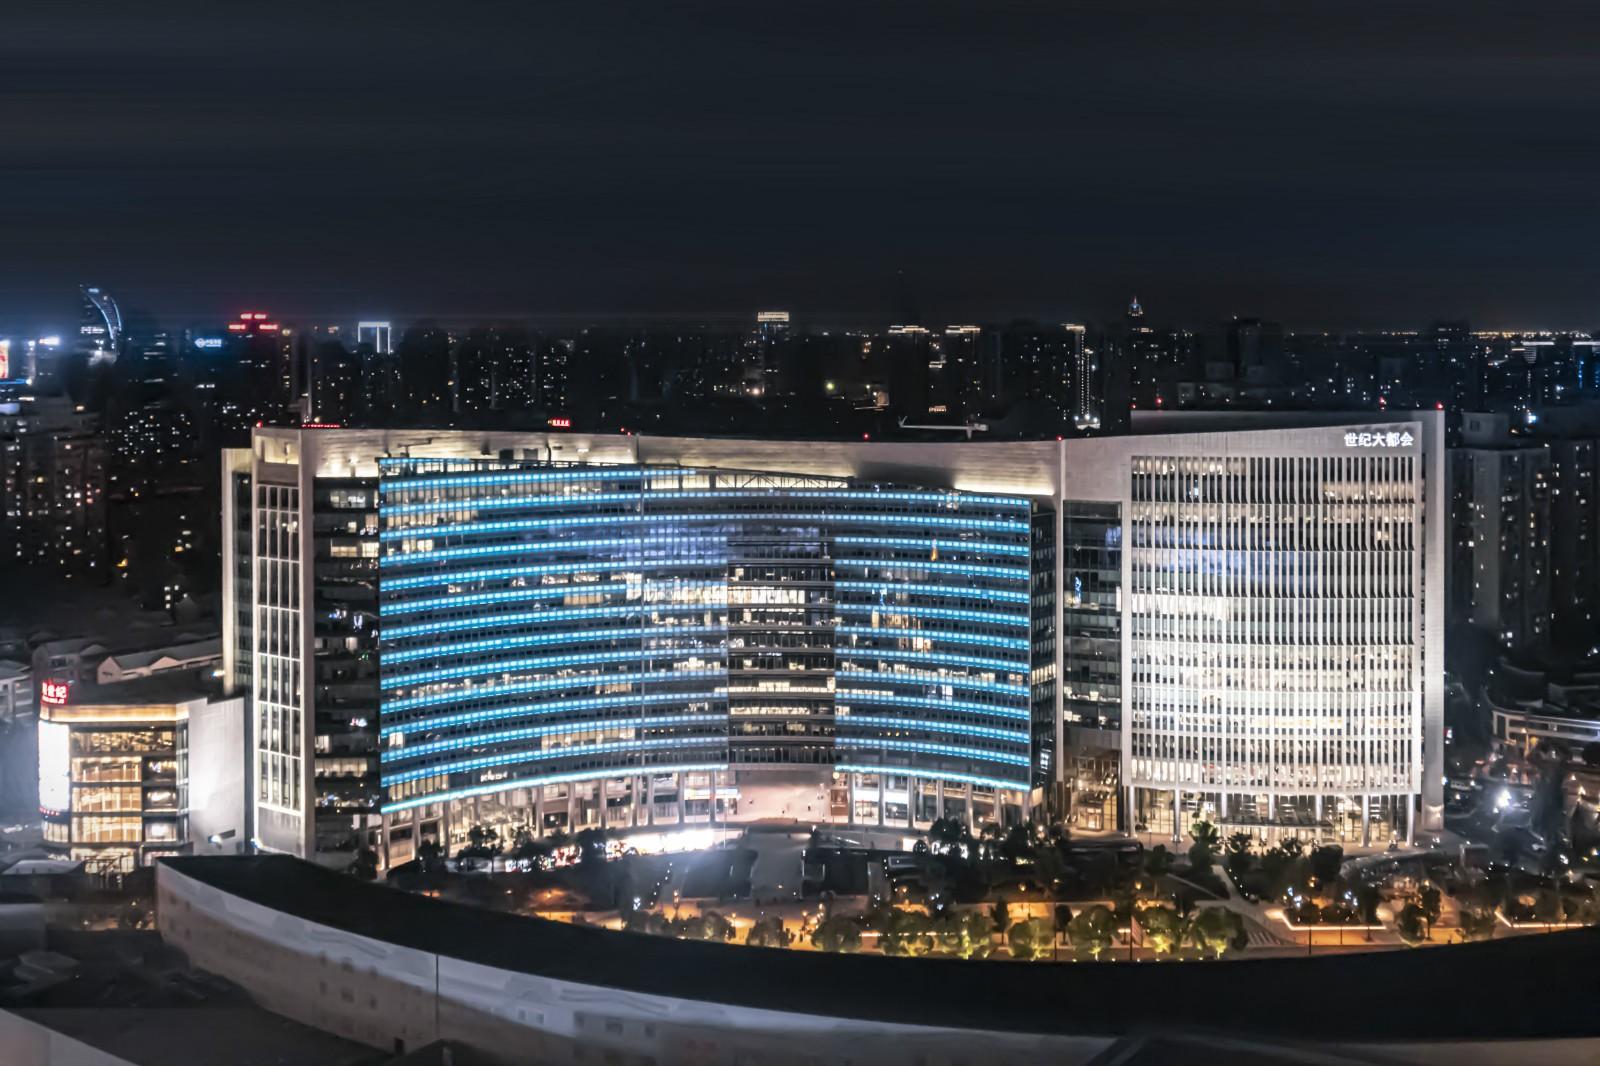 天津代办公司注册企业企业营业执照提示市场监督管理发布重点领域信用监管企业类型和事项清单